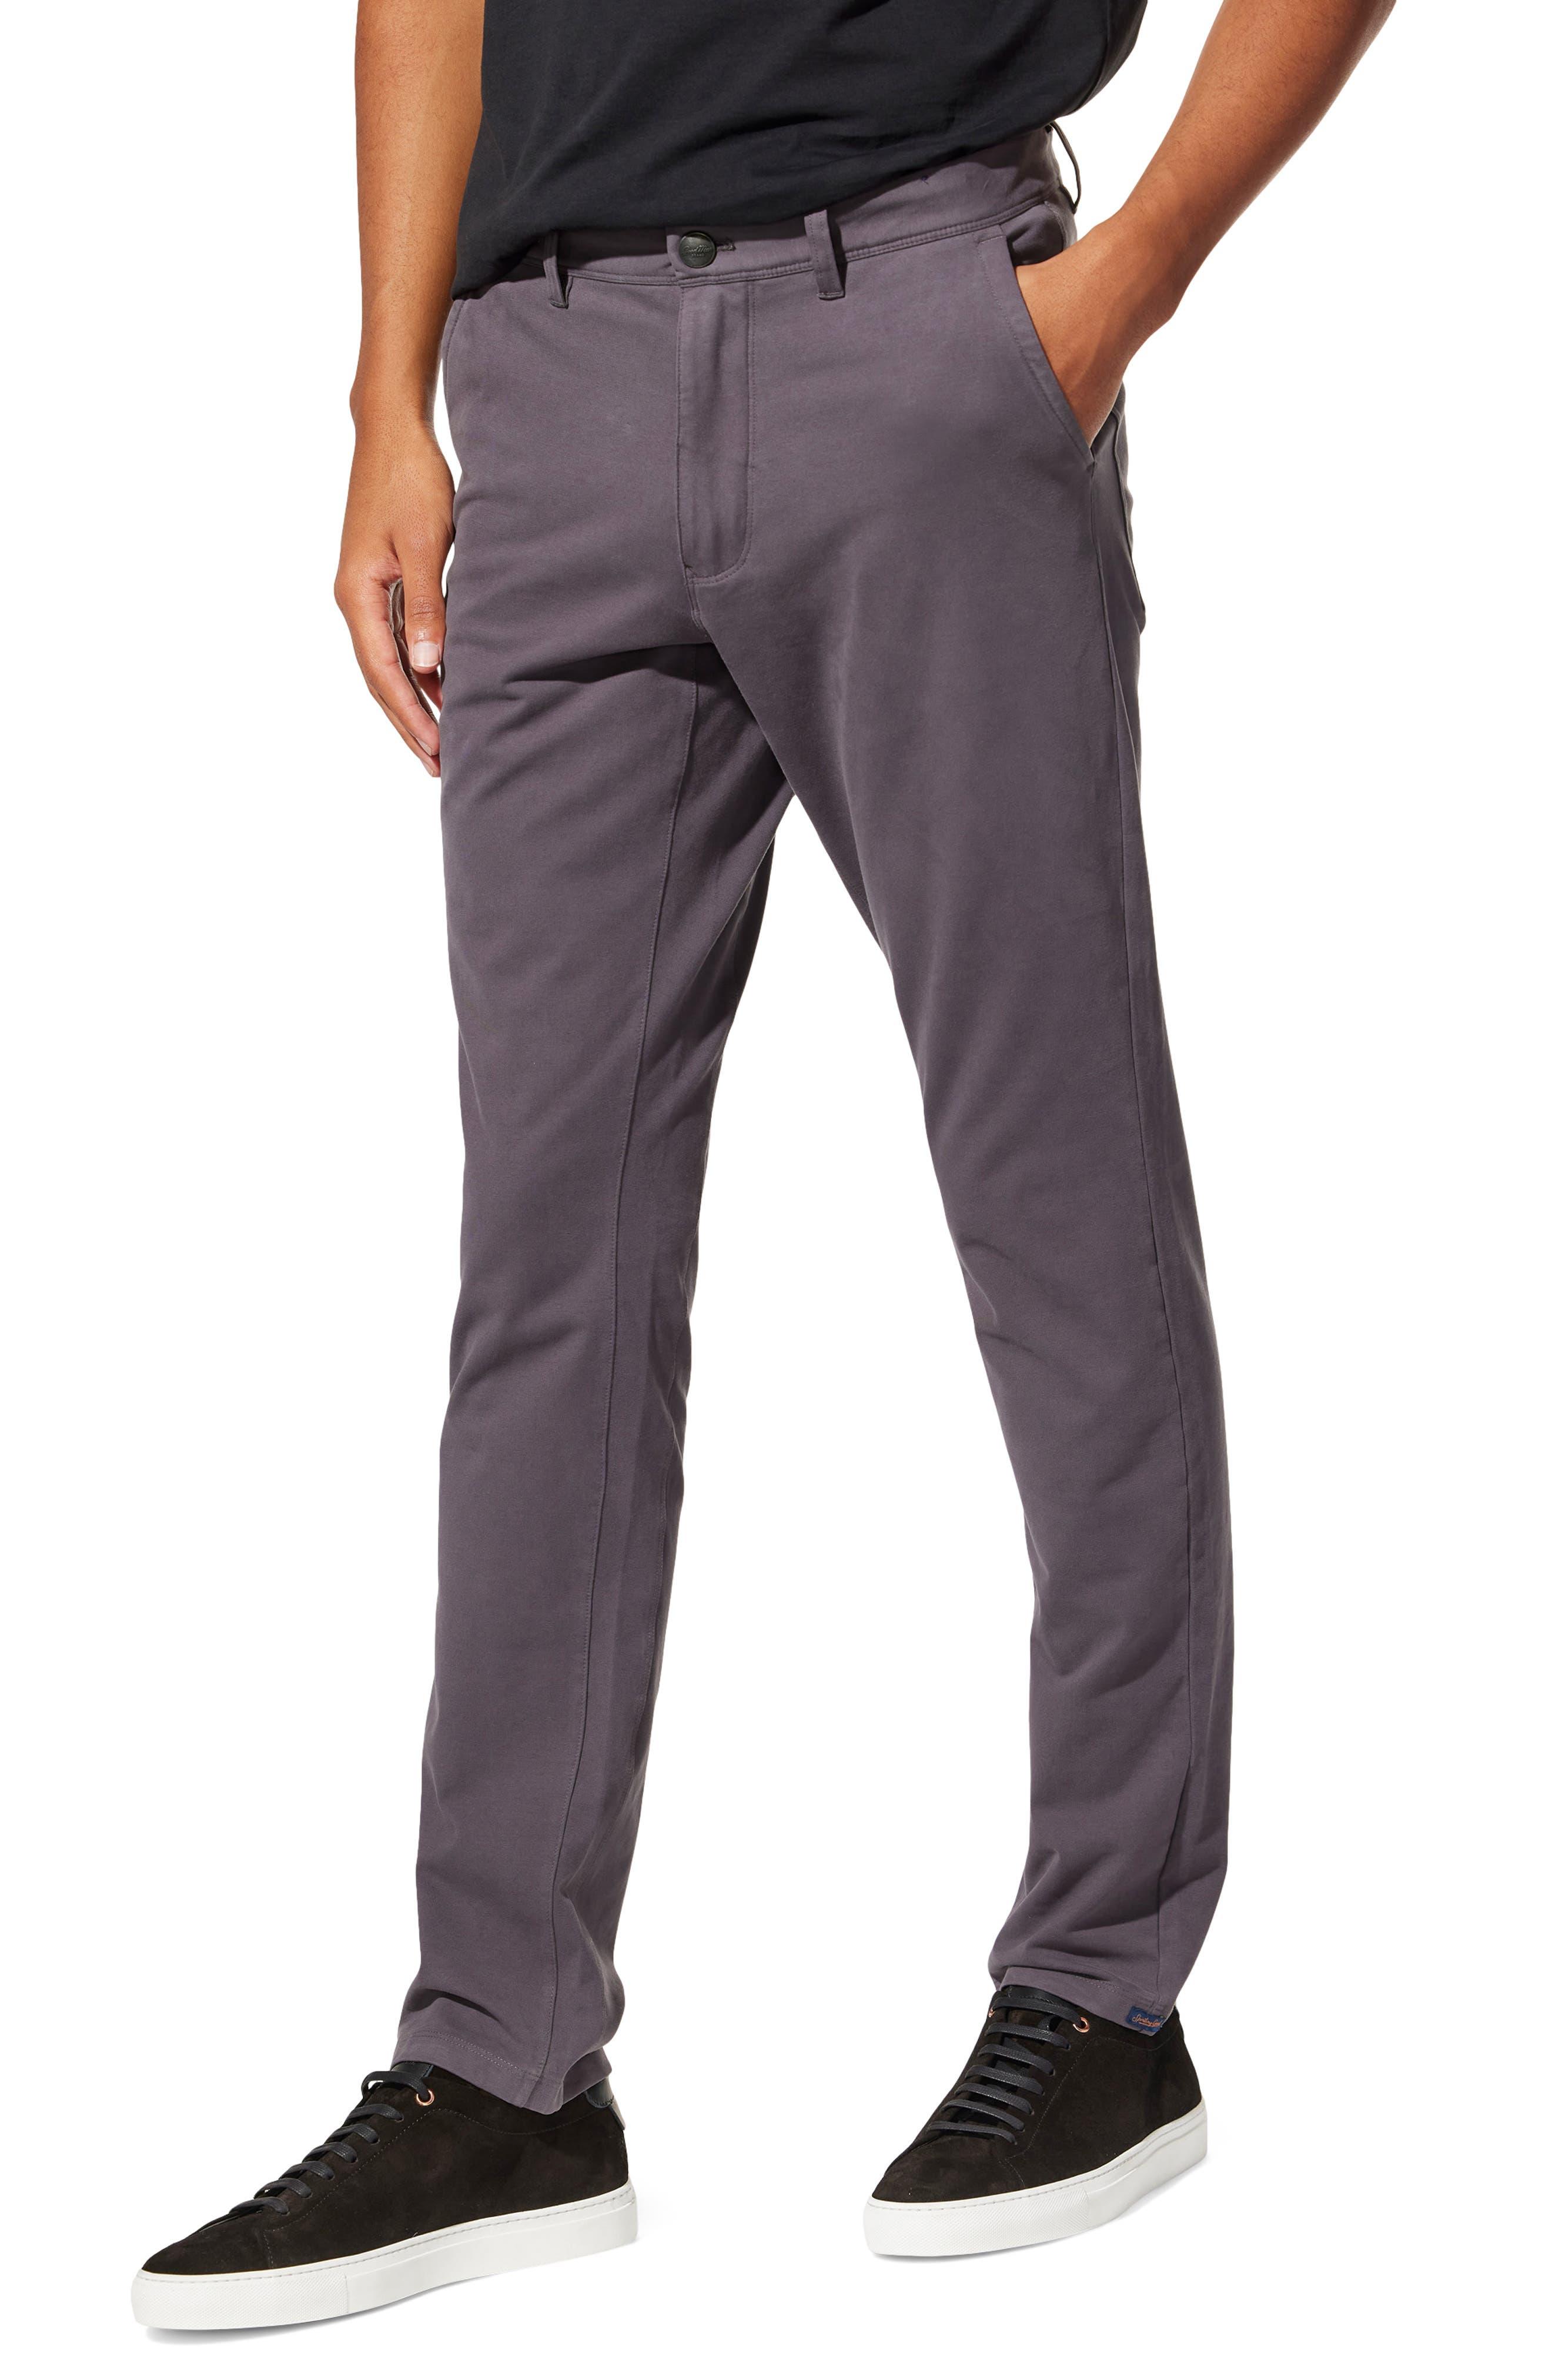 Flex Pro Five-Pocket Jersey Hybrid Pants